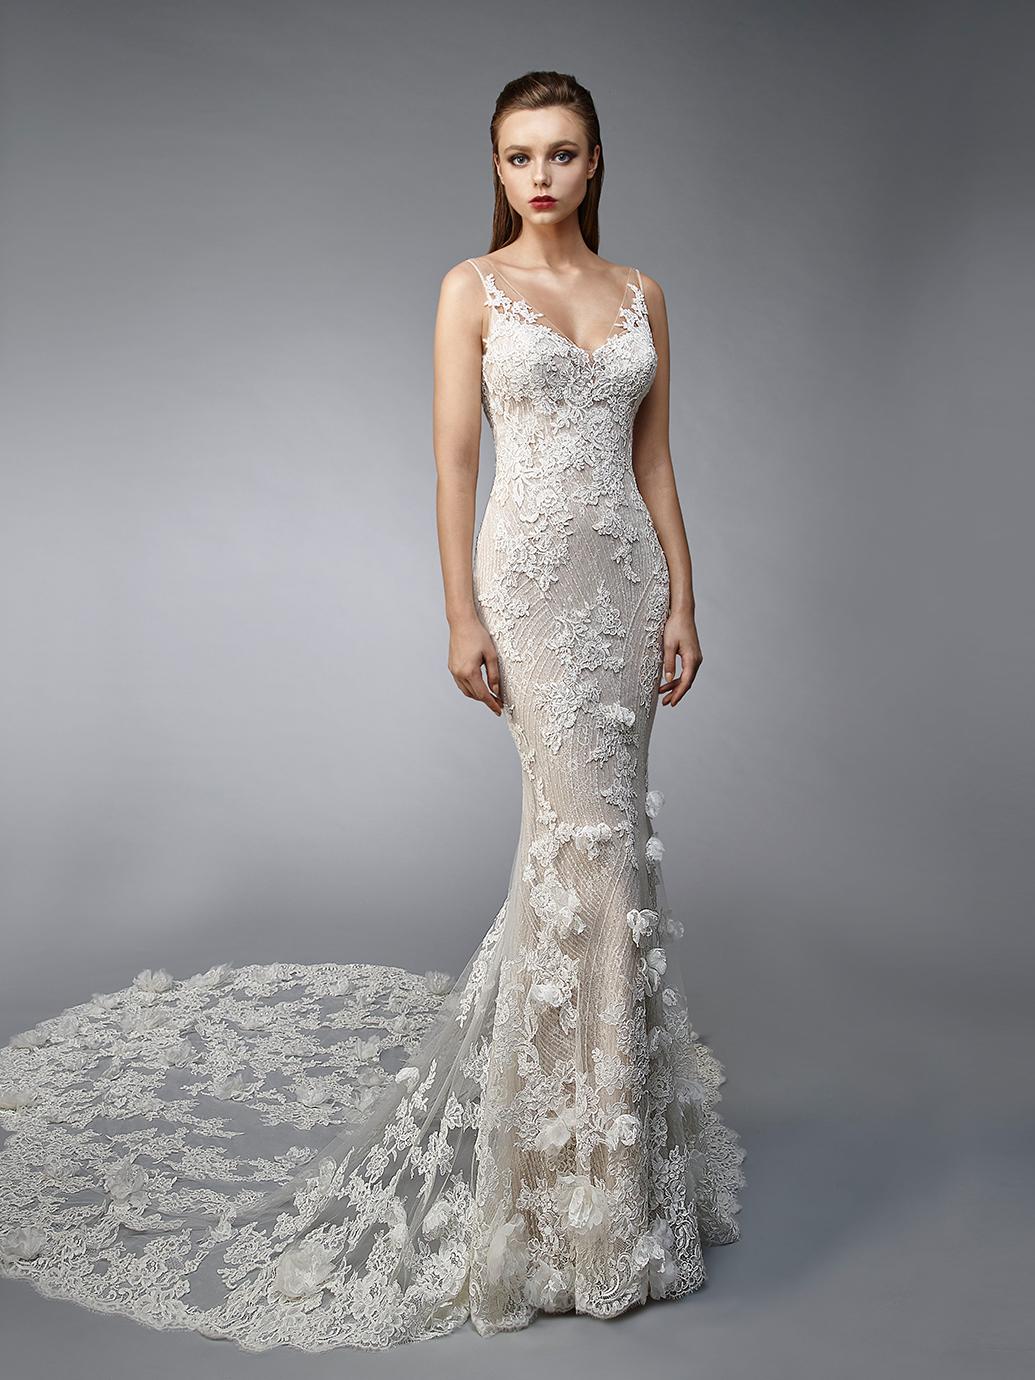 e7587999b54 Enzoani Wedding Dress MT0675 - Toronto Bridal Gown